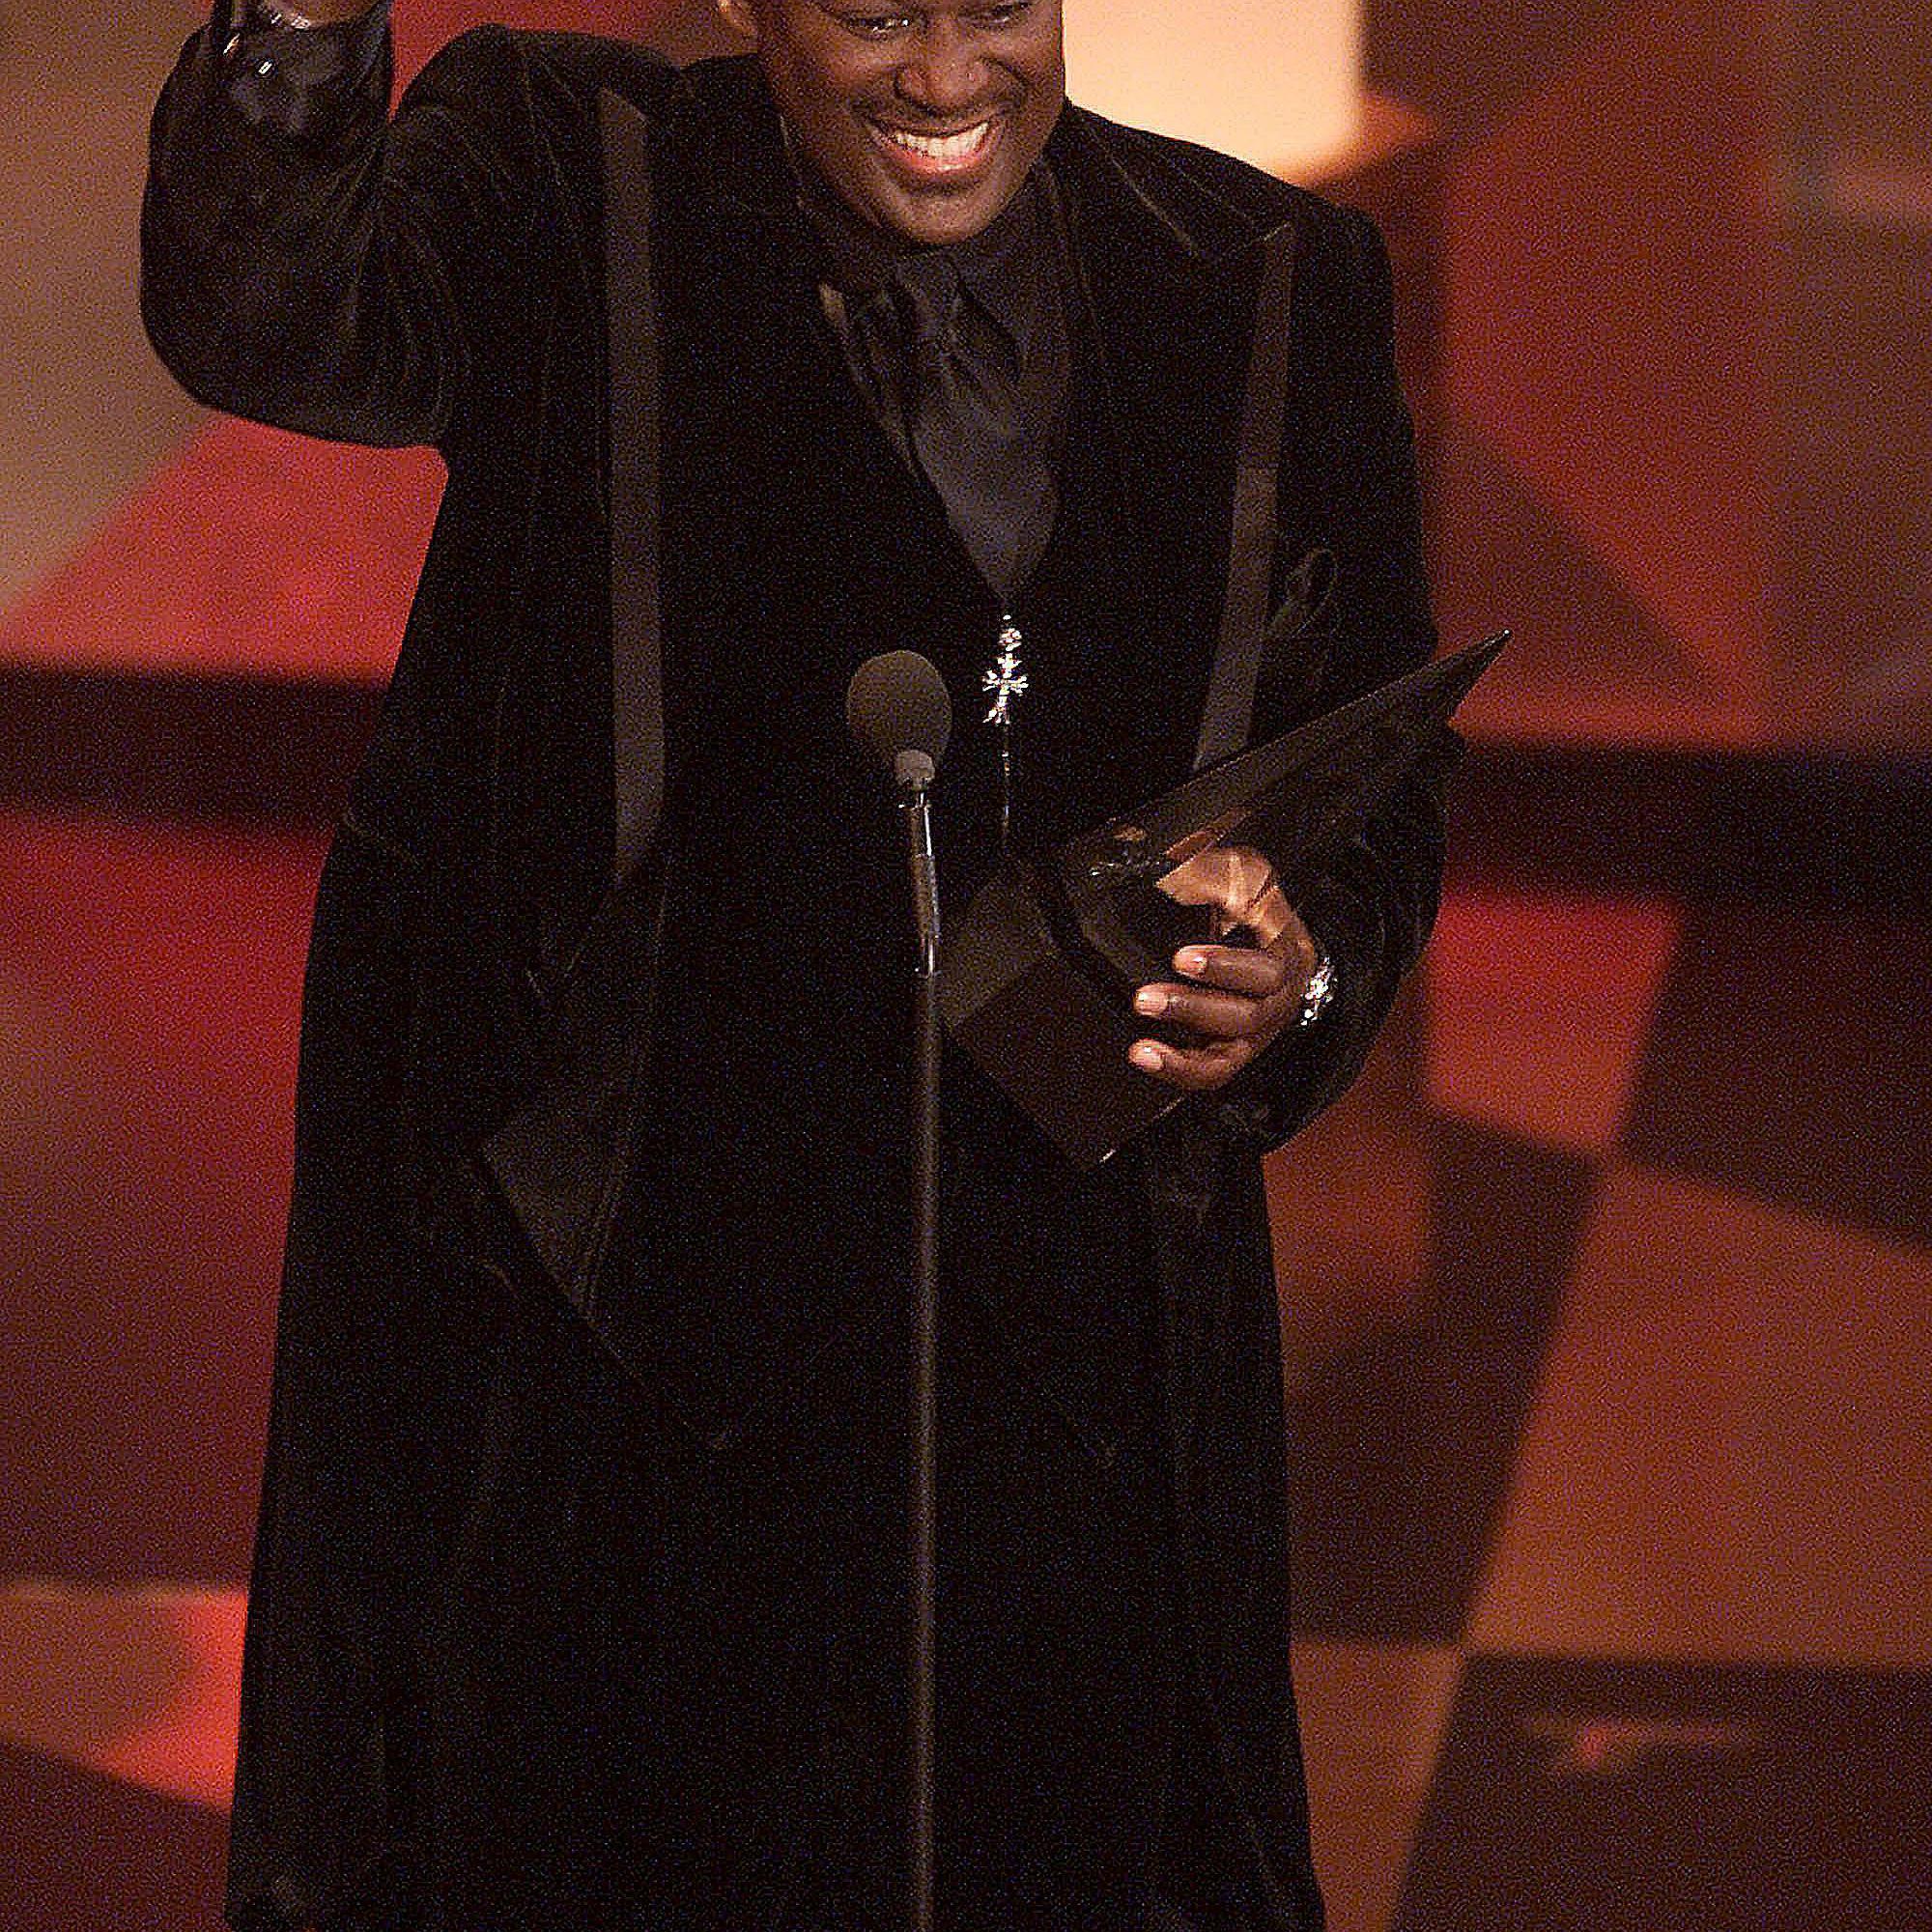 Luther Vandross receiving an award